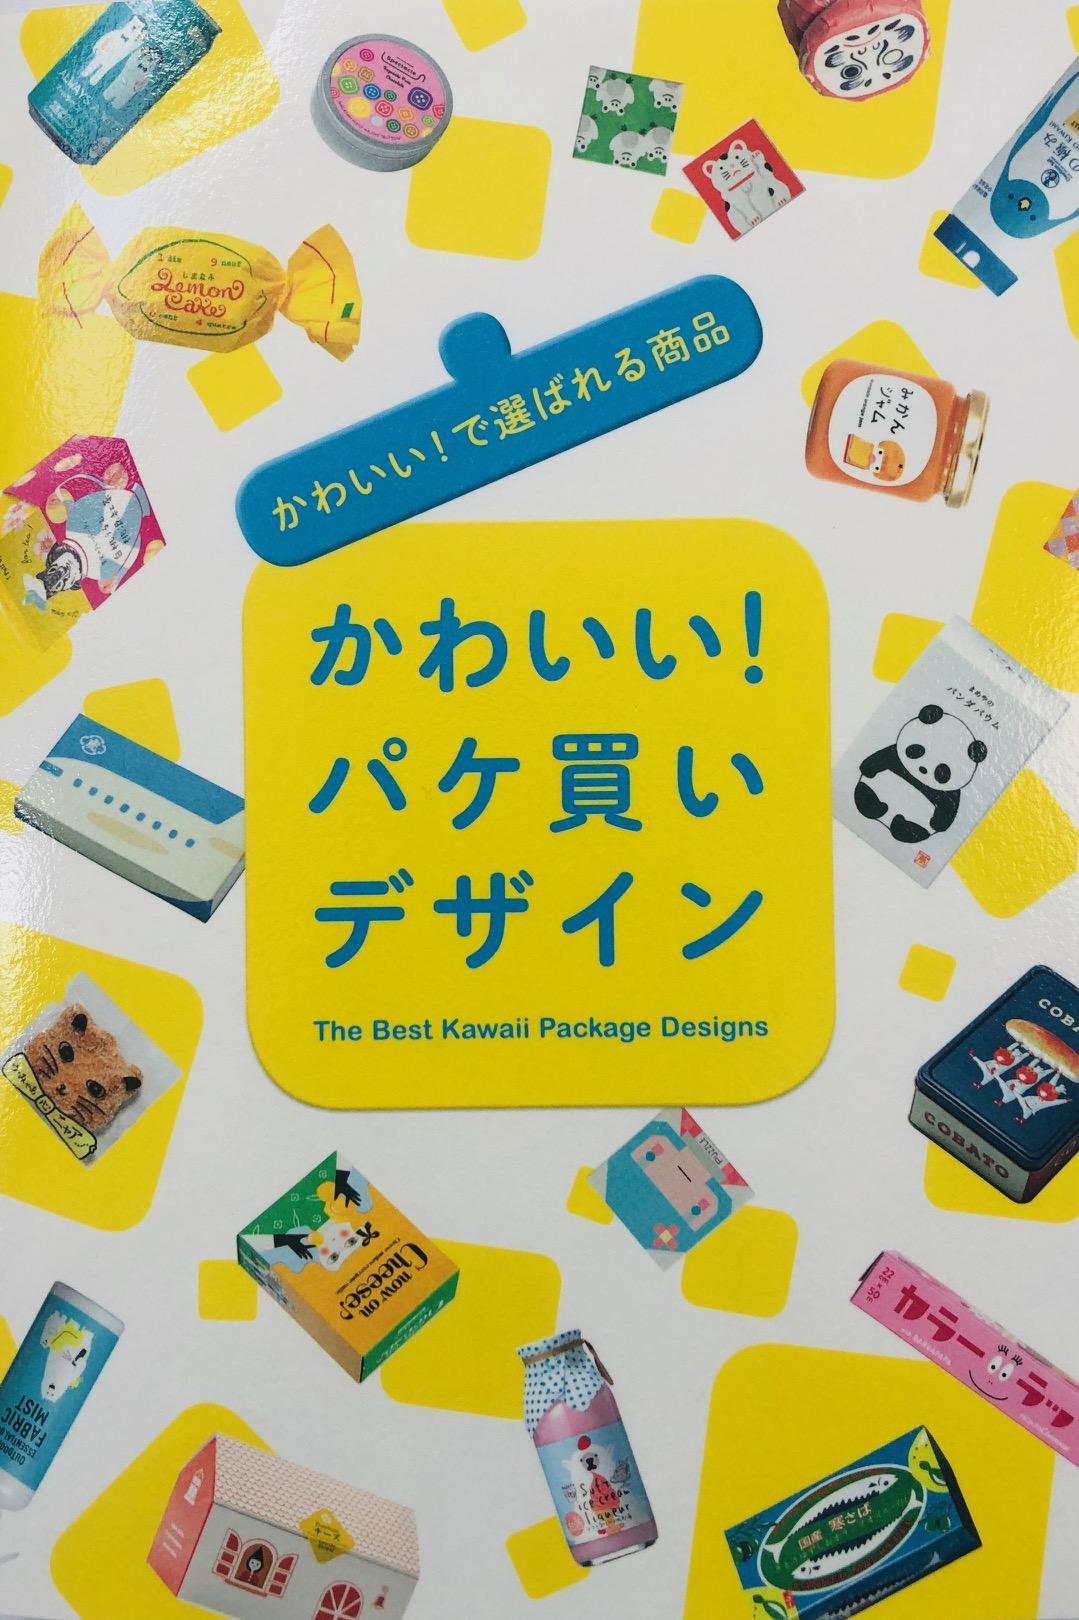 「みもな」がデザイン書籍に紹介されました